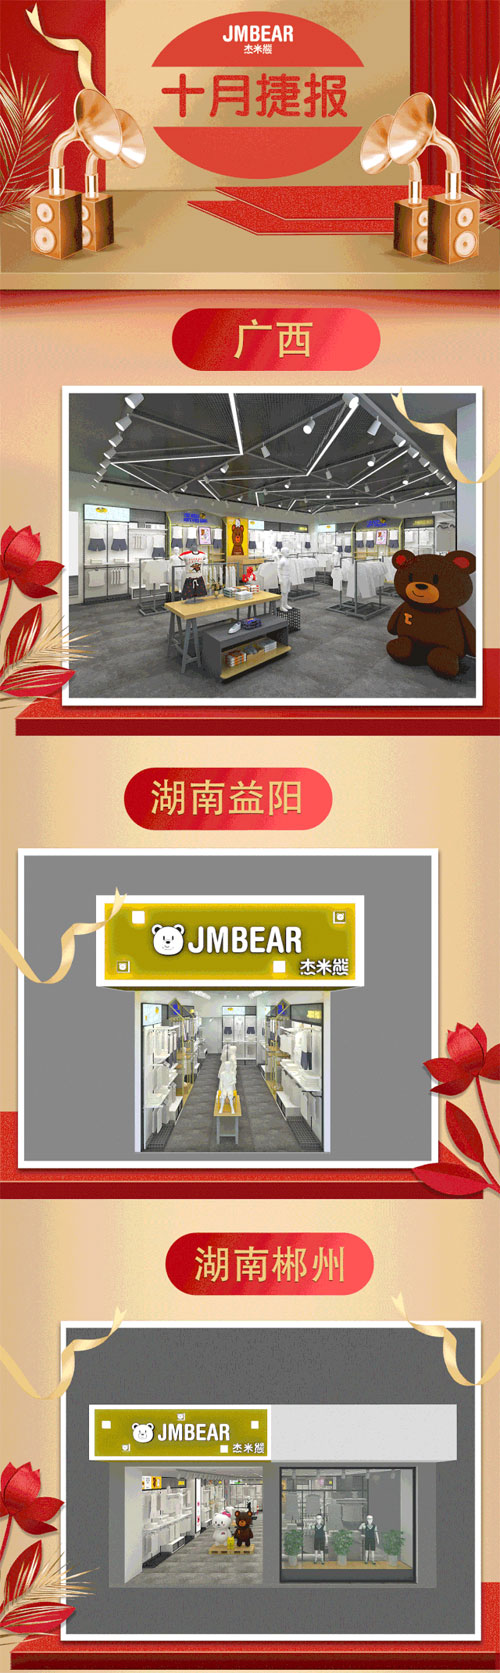 十月新生代 杰米熊31家店铺强势来袭!